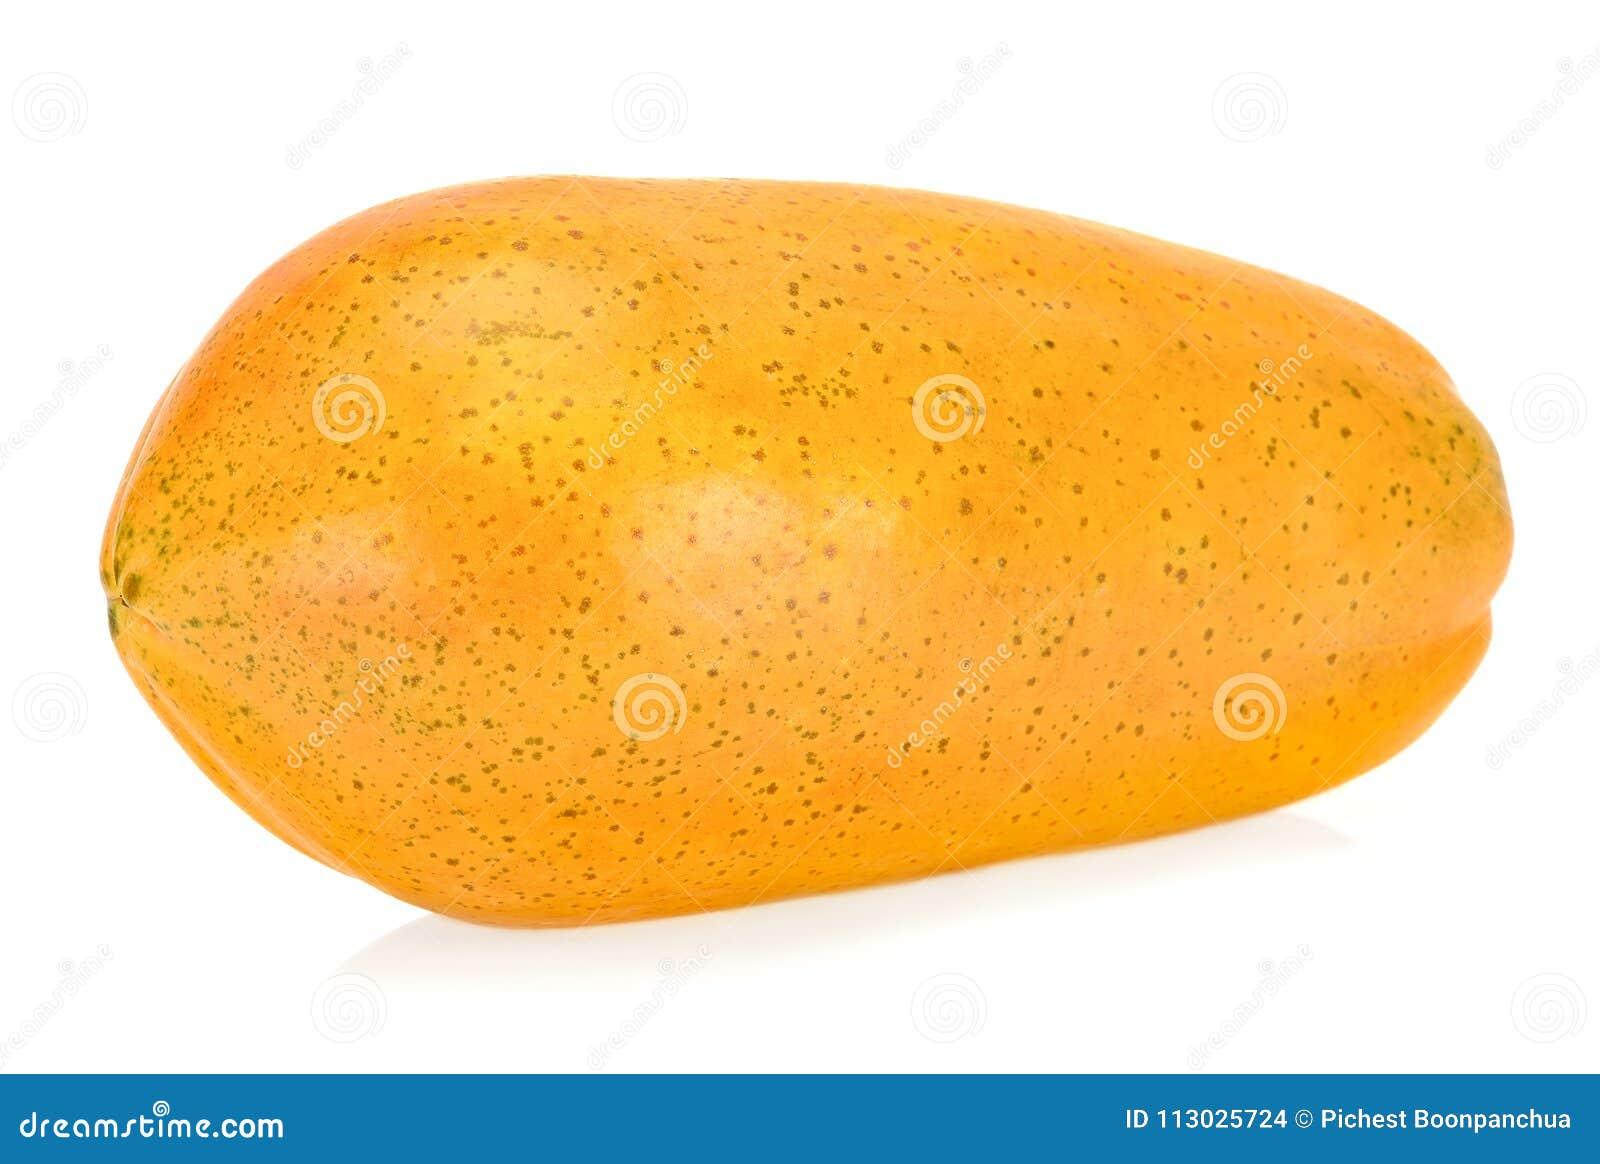 Papaya amarilla aislada en el fondo blanco